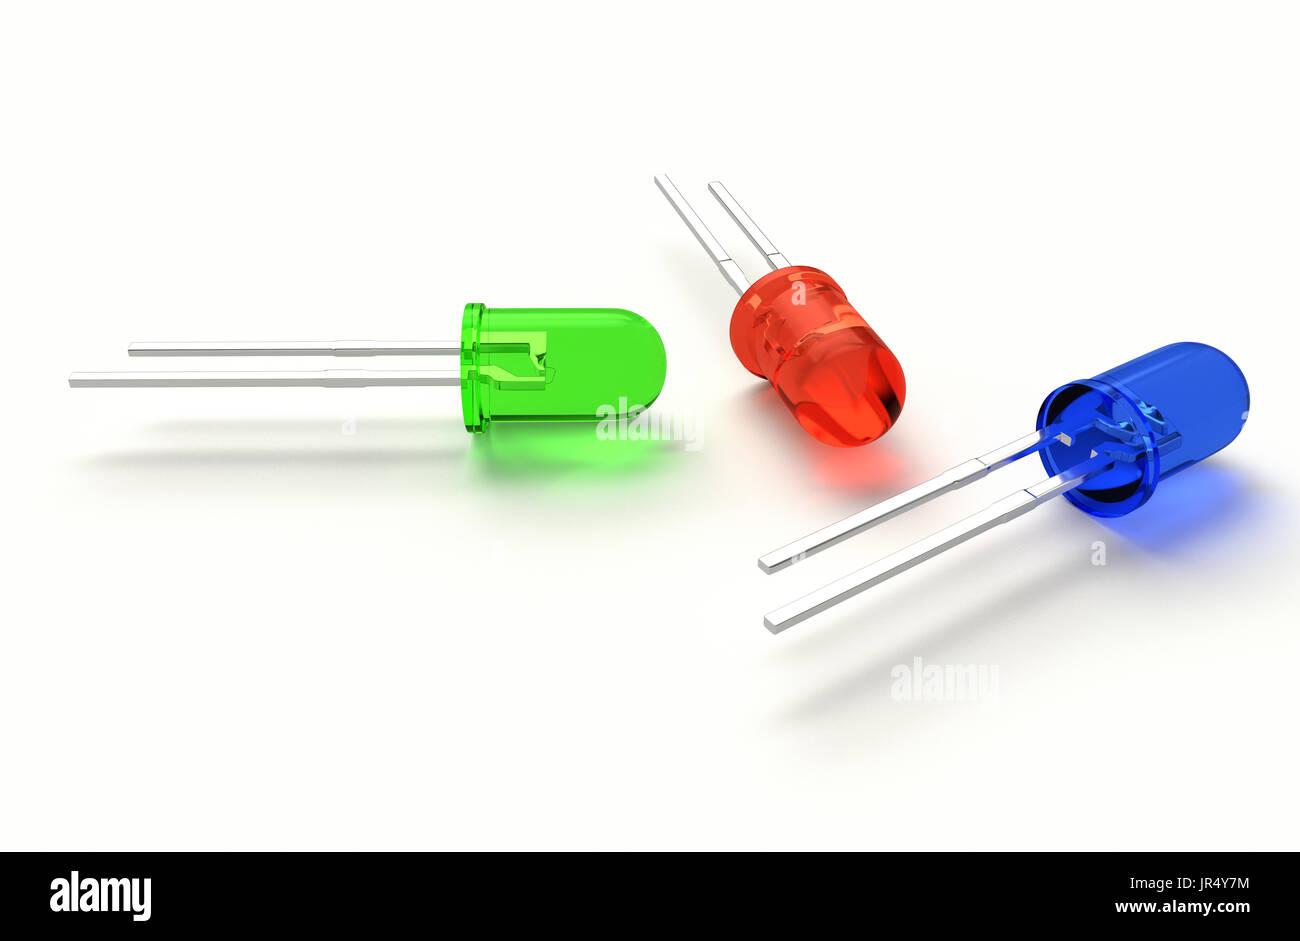 Realistische 3d Render Tricolor 3 Mm Led Diode Rgb Rot Grn Blau Tri Color Wiring Of A Isoliert Auf Weiem Hintergrund Mit Schatten